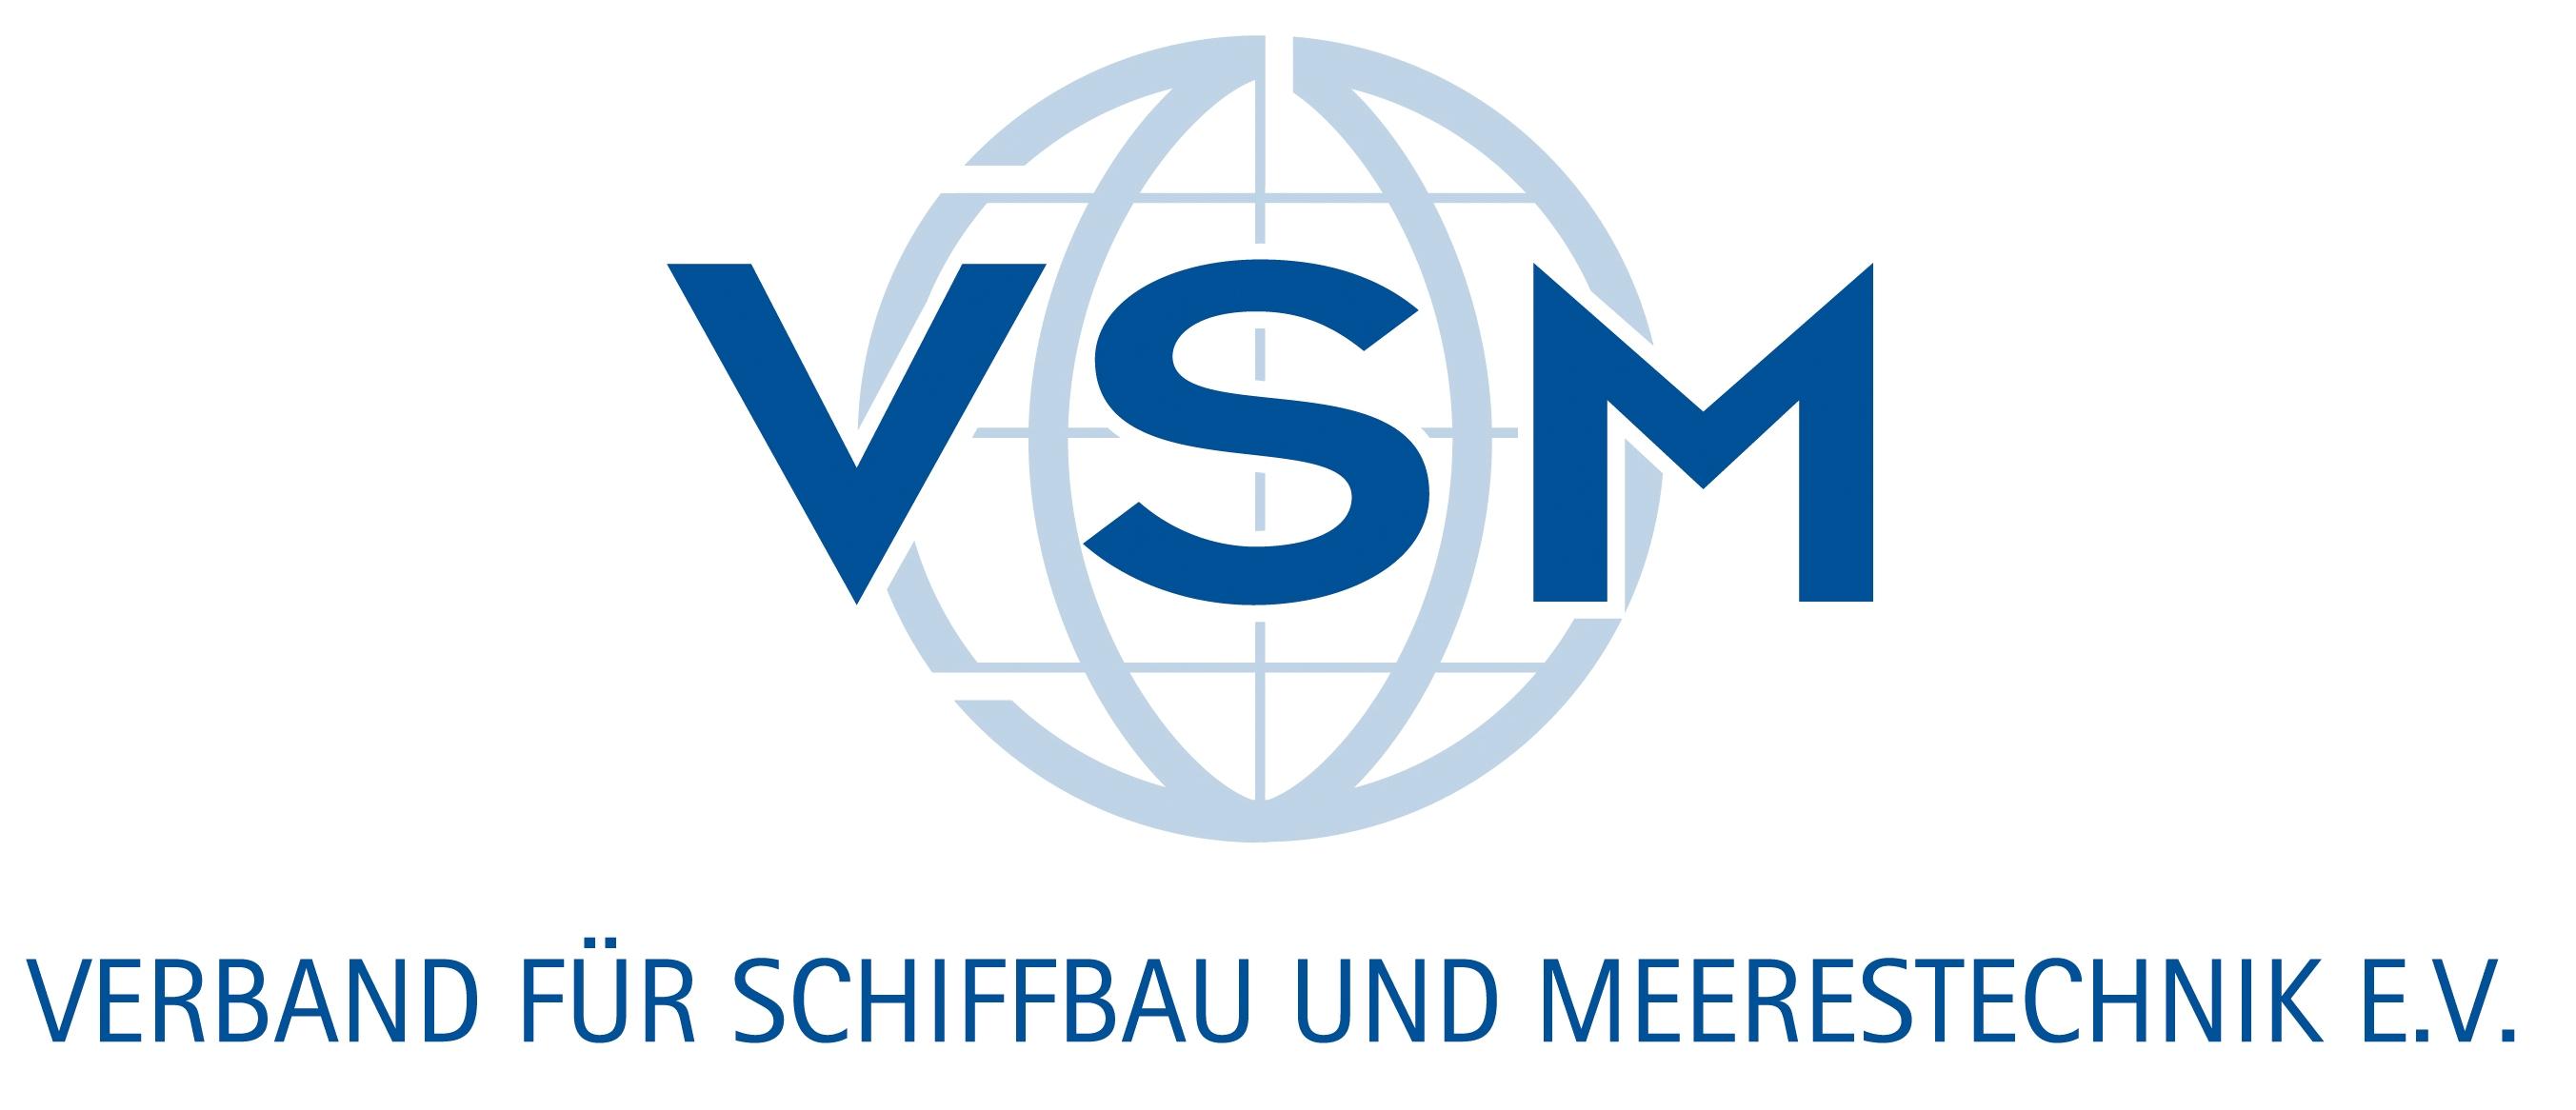 VERBAND FÜR SCHIFFBAU UND MEERESTECHNIK E.V.